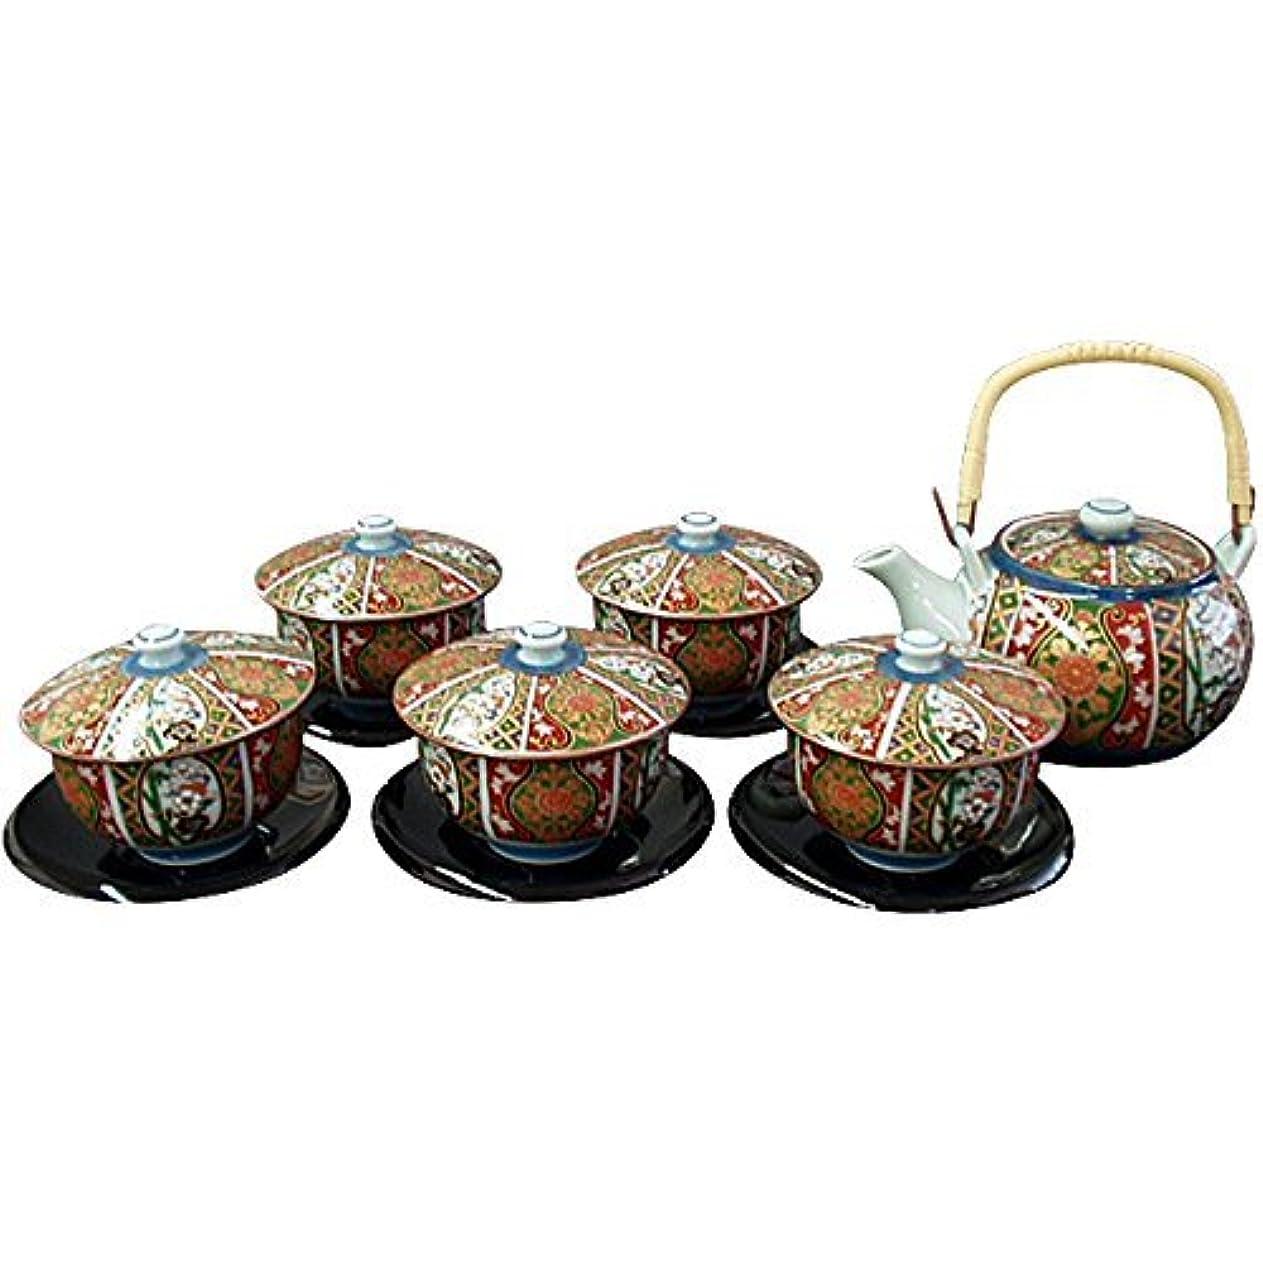 額急勾配の薄い有田焼 CtoC JAPAN 茶托付番茶器セット 02-365327